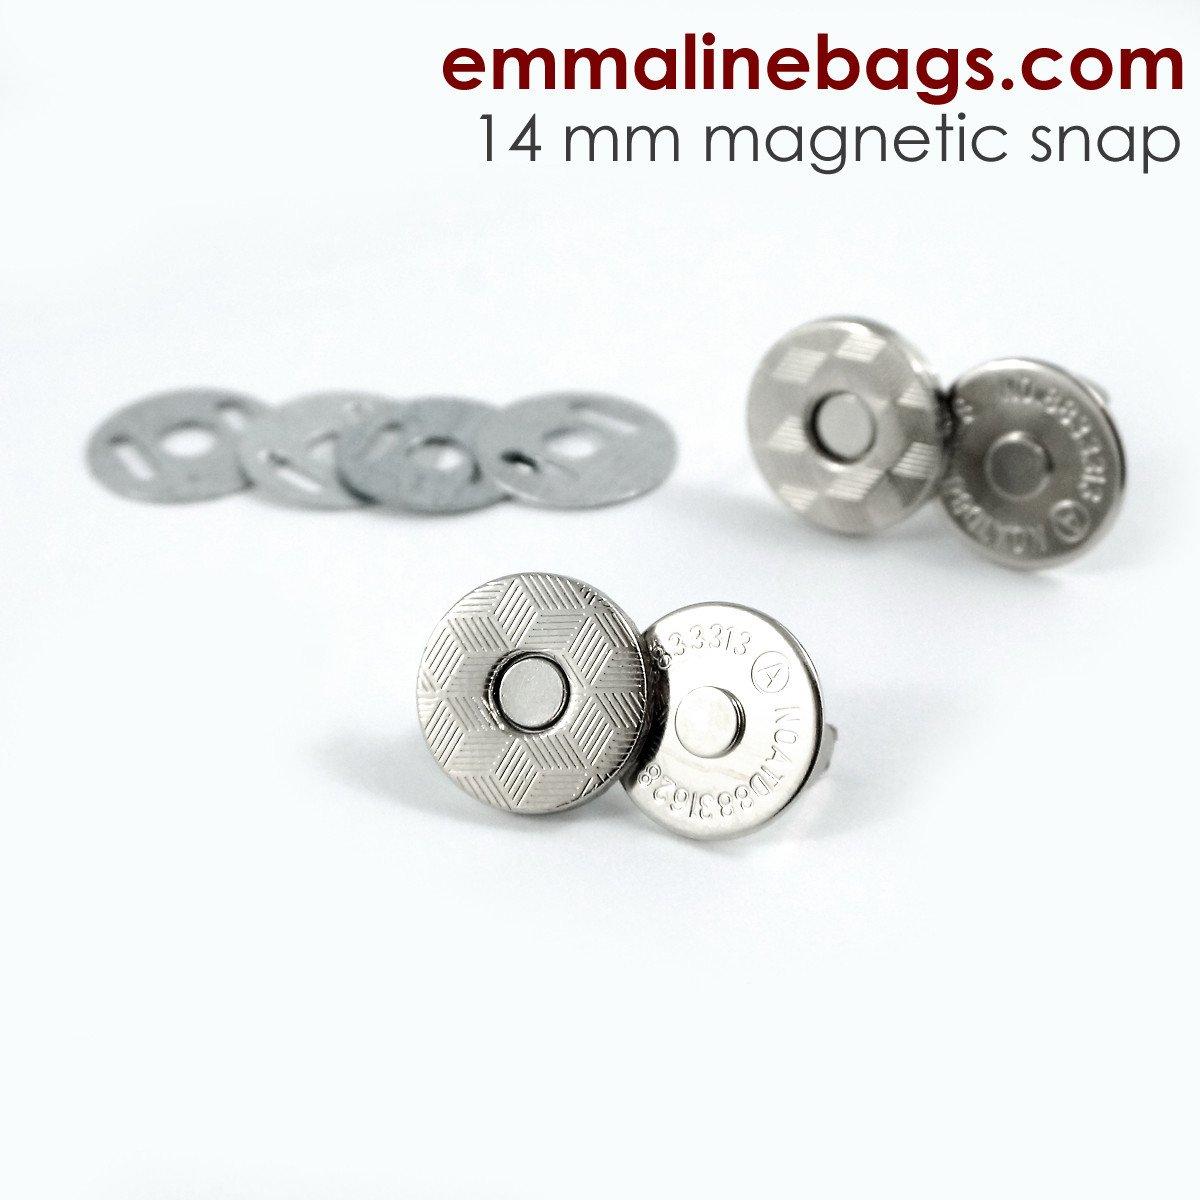 Emmaline - Magnetic Snap Closures: 9/16 (14 mm) SLIM Nickel 2ct